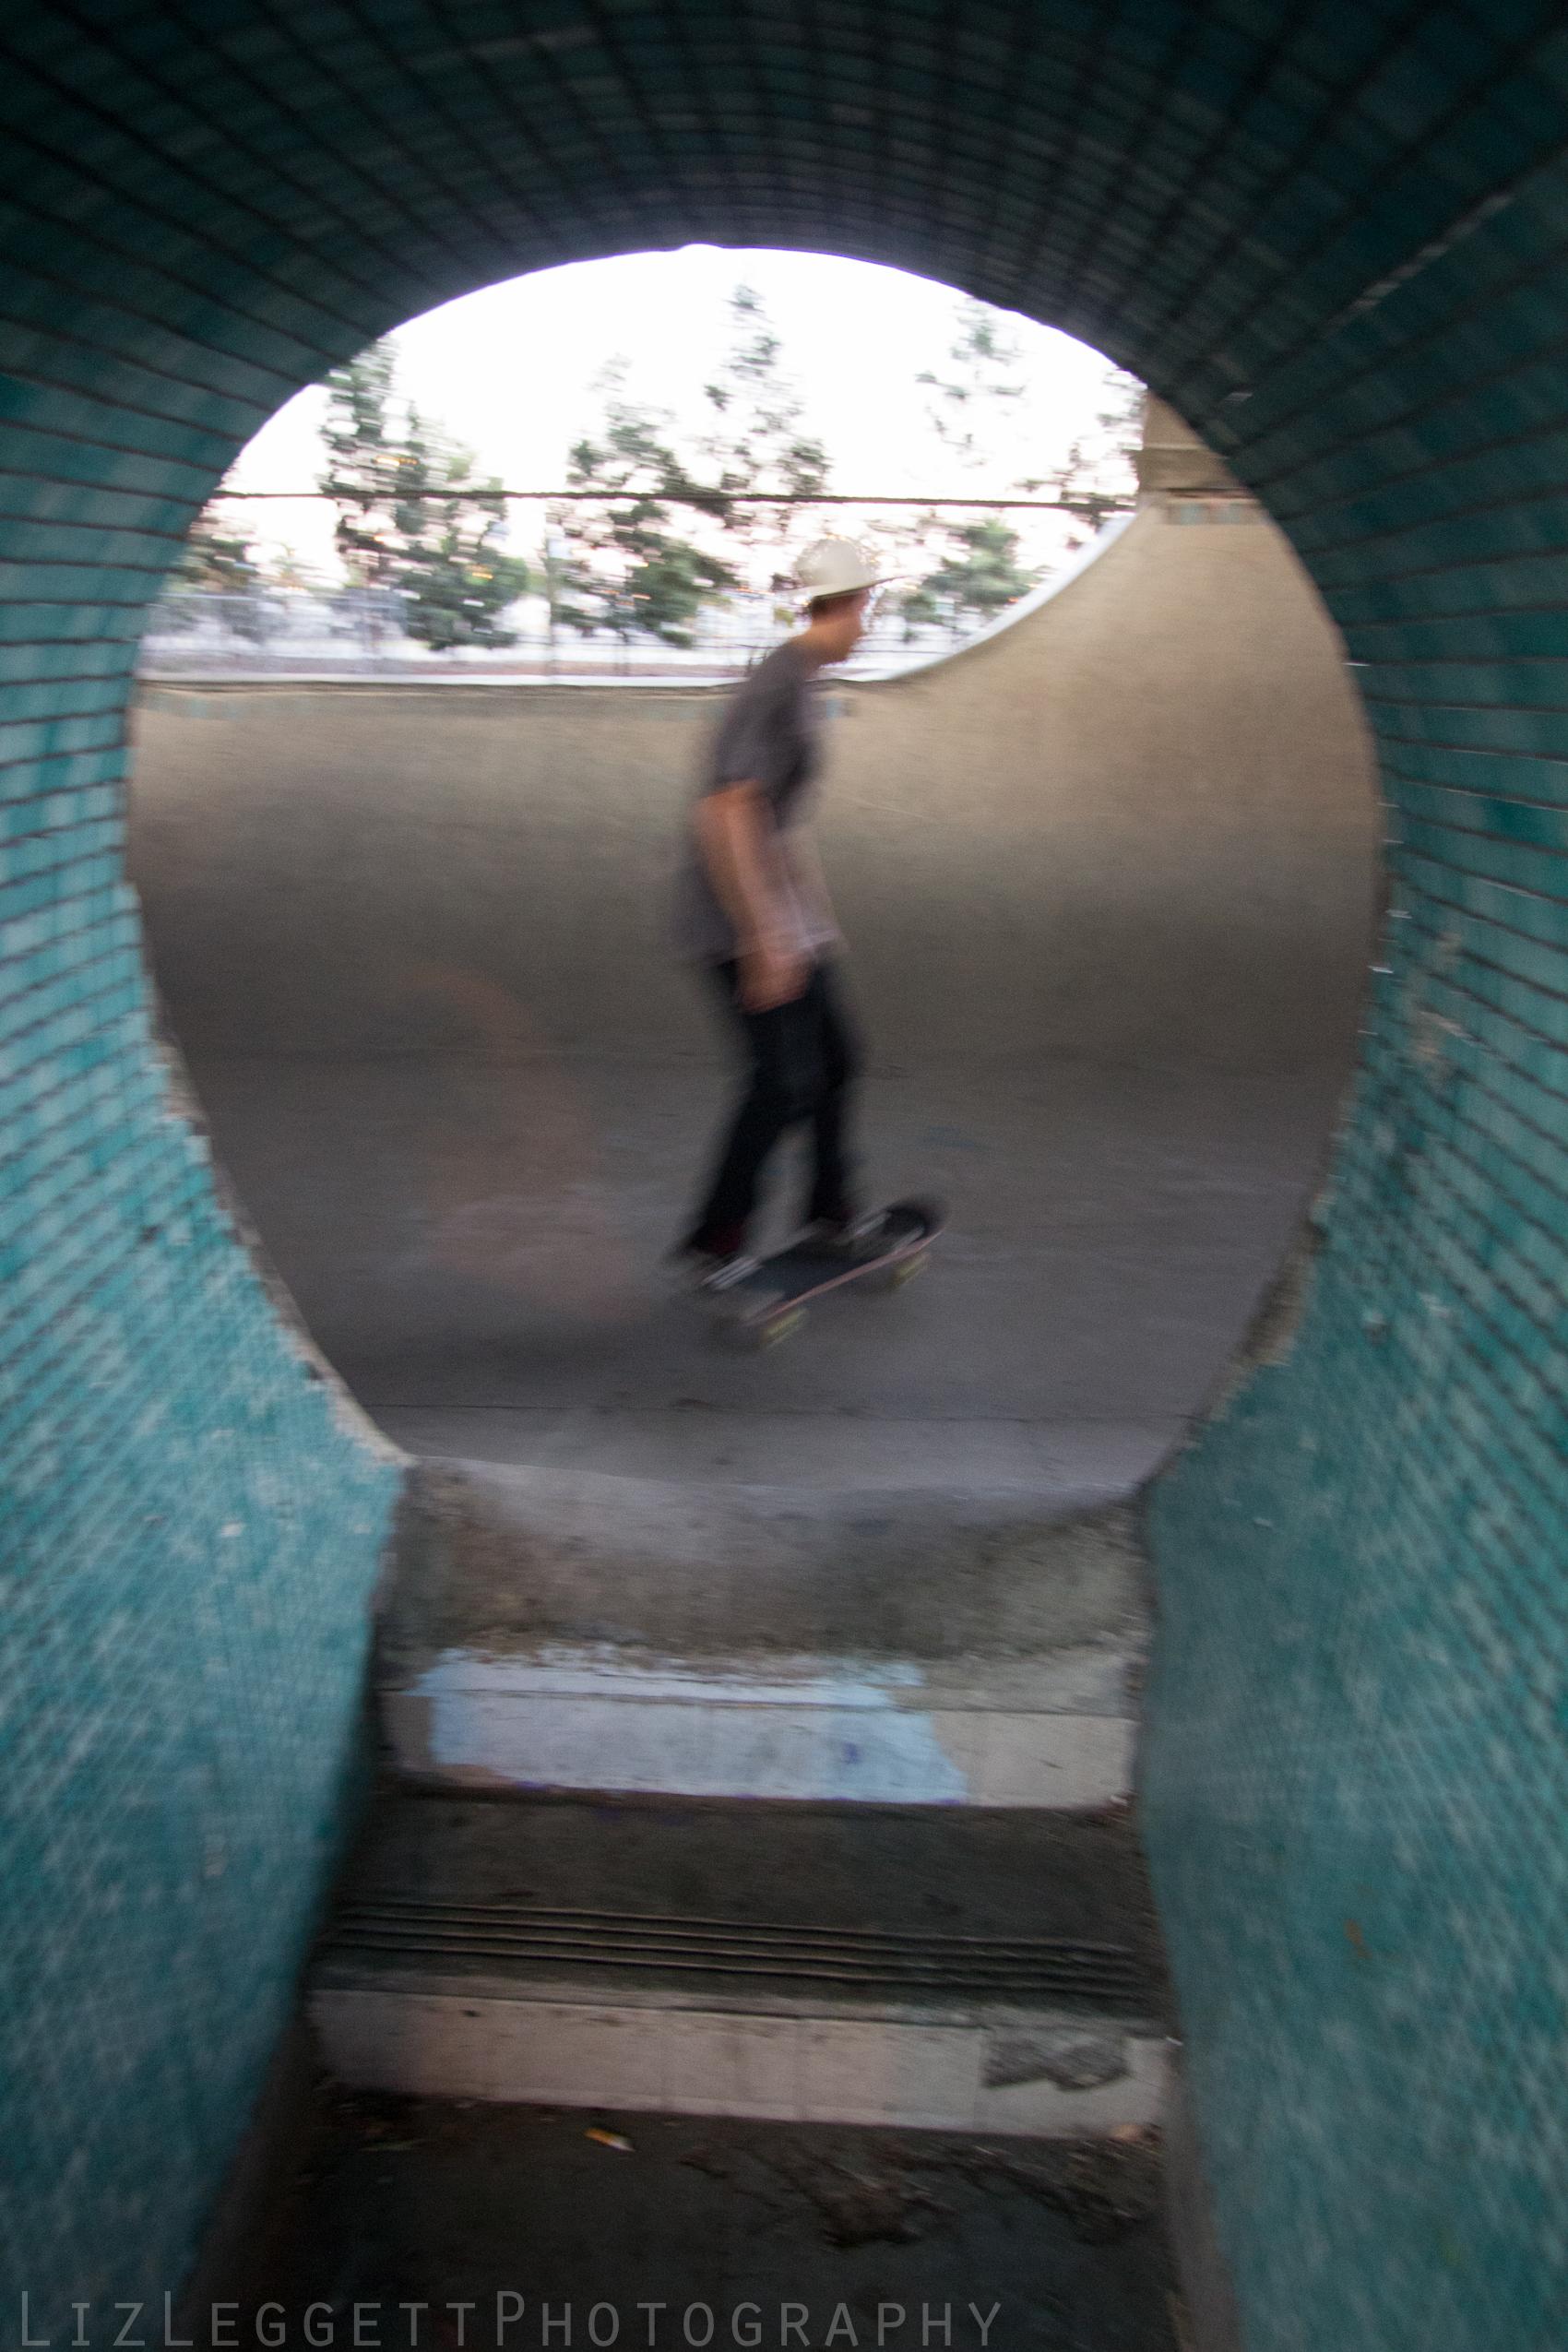 liz_leggett_photography_skatepark_watermarked-0247.jpg